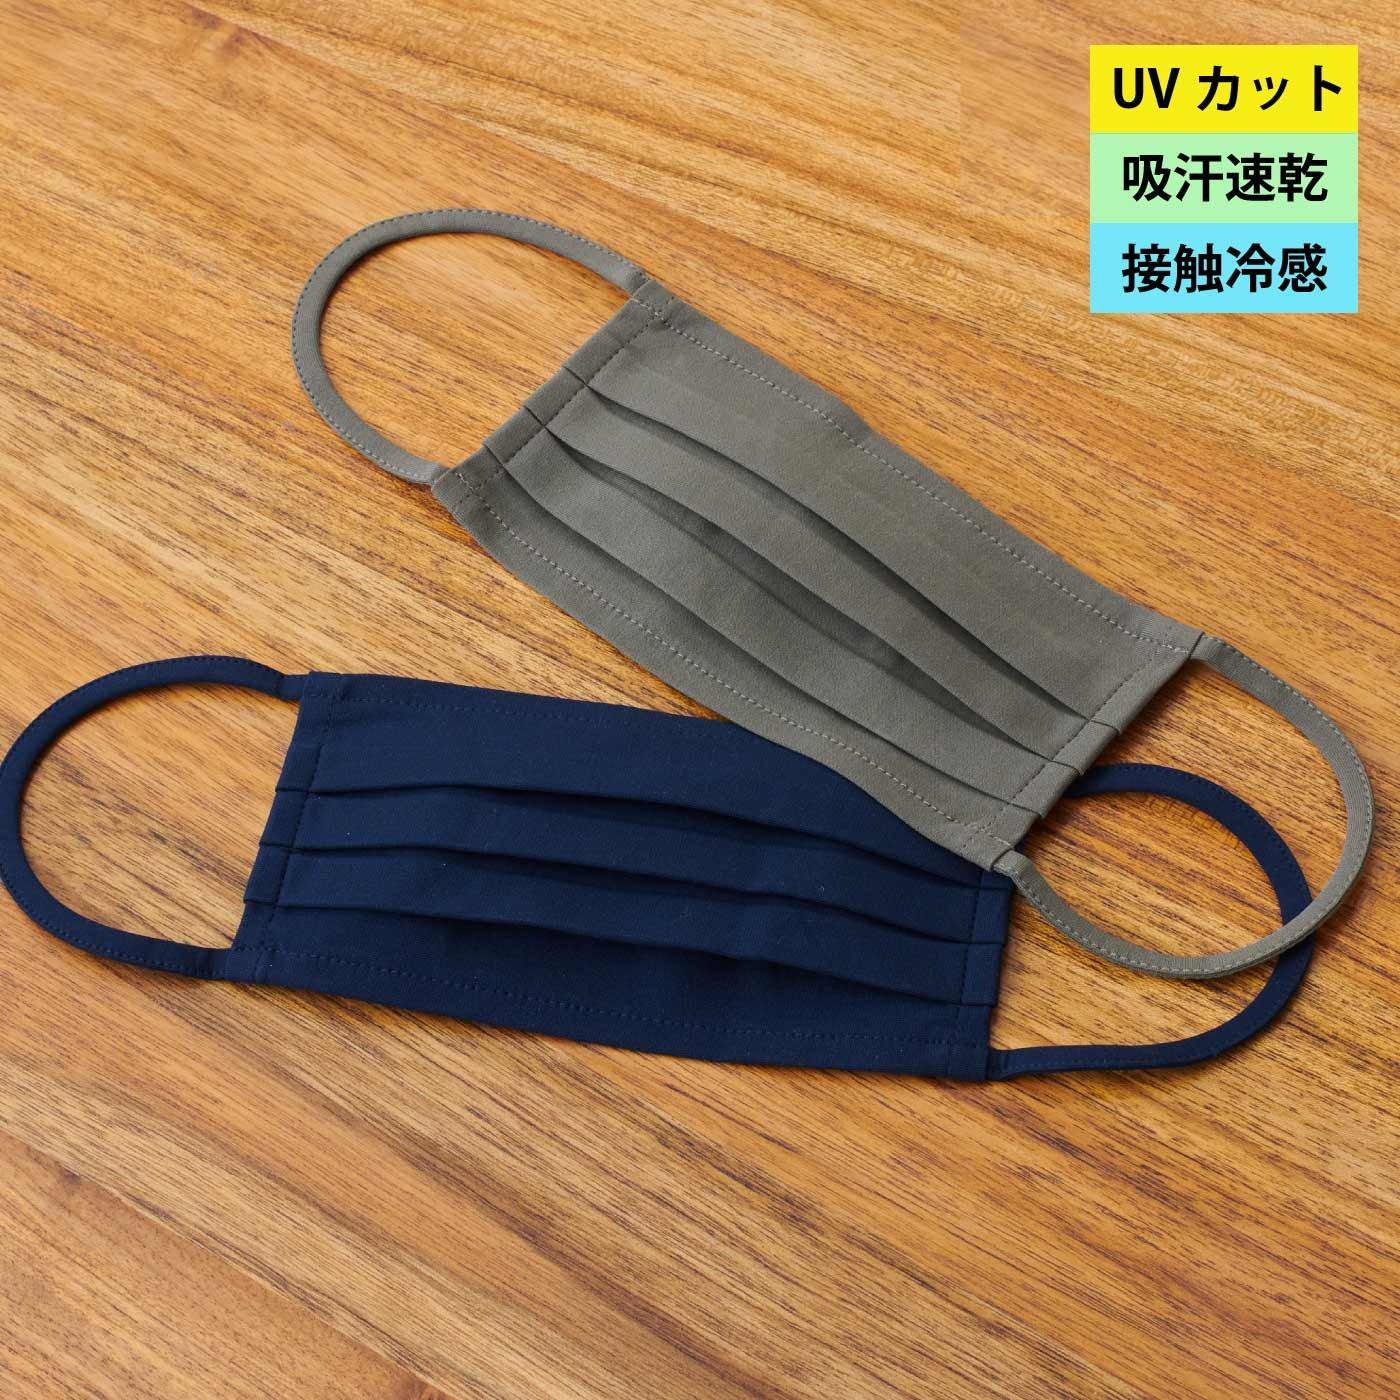 【3~10日でお届け】IEDIT[イディット] 日本の工場で作った UVケアなどの機能がうれしい やさしい肌ざわりの布プリーツマスク